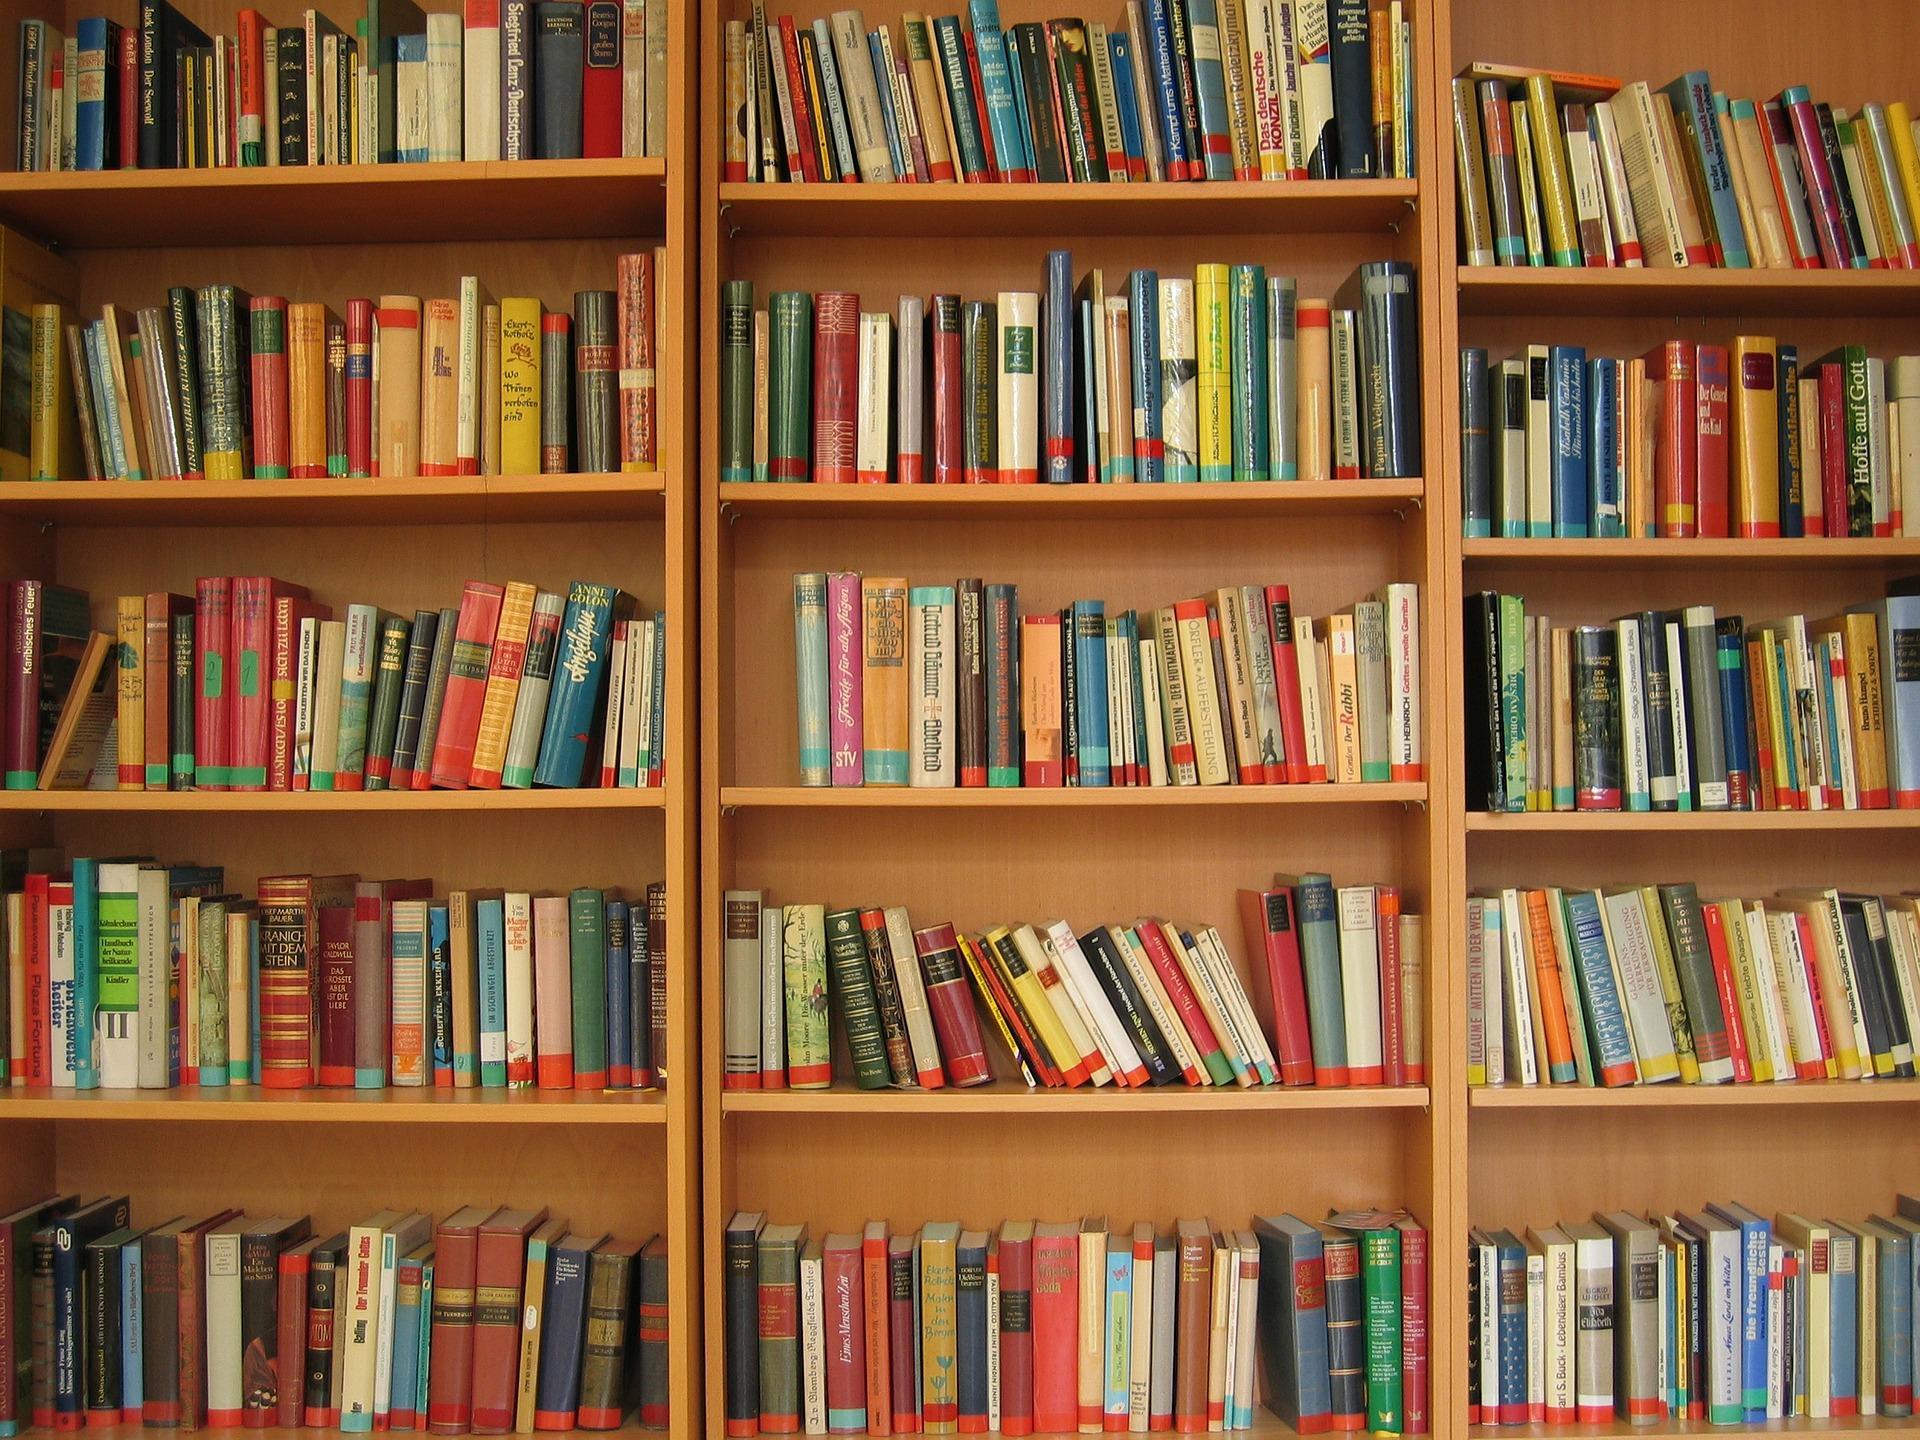 libros de programacion gratis: